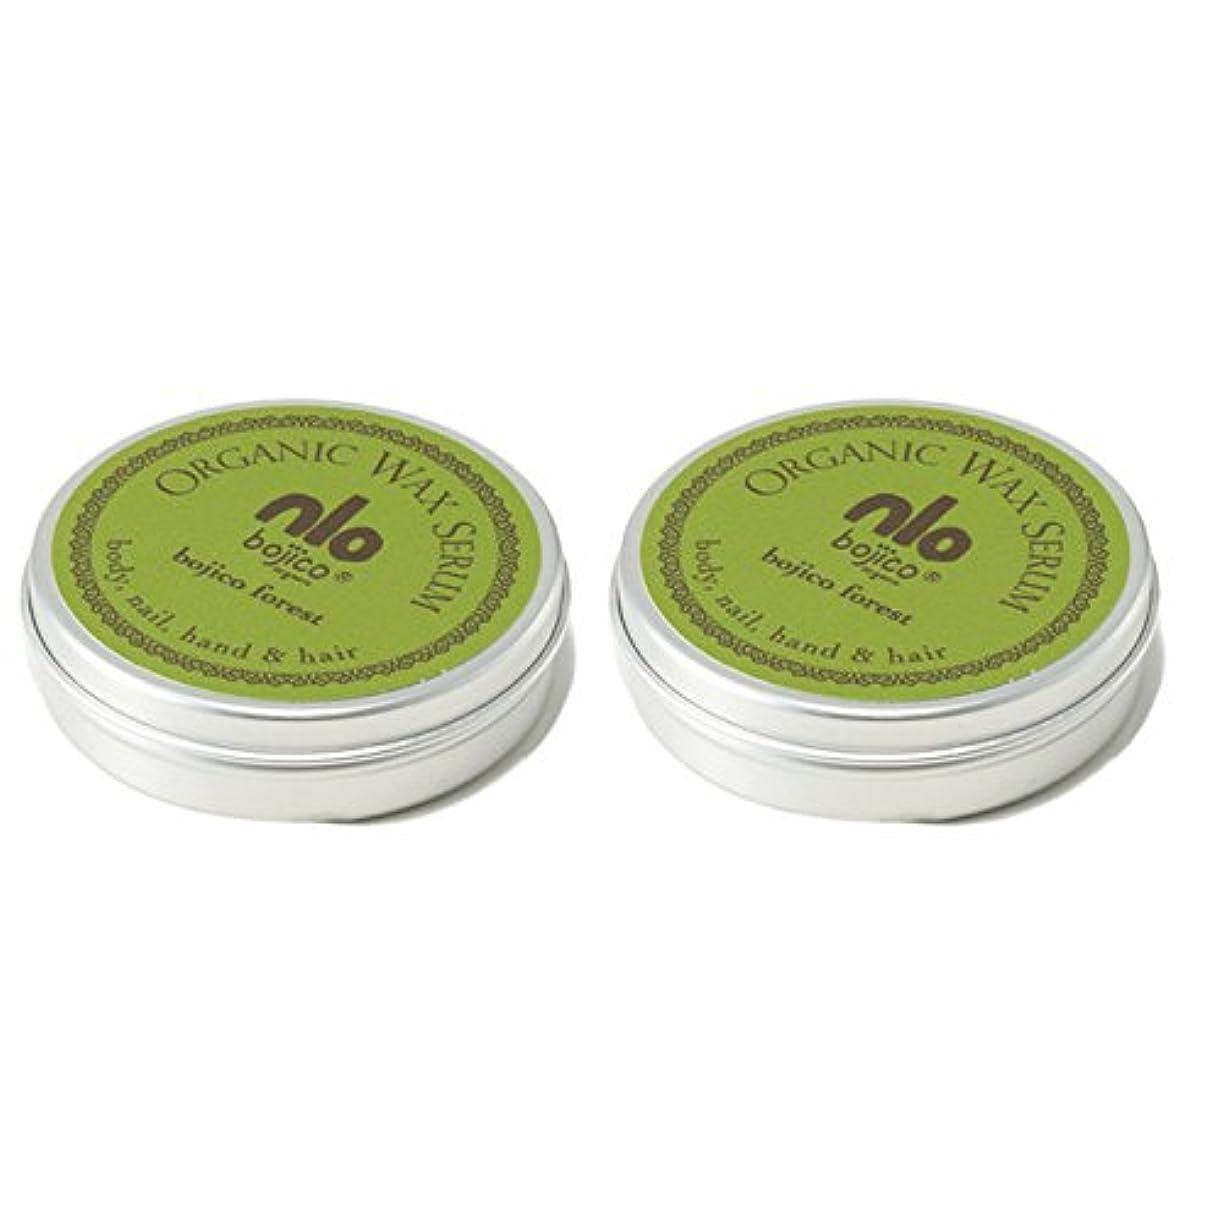 子羊時間厳守クレタ【40g×2個セット】 ボジコ オーガニック ワックス セラム <フォレスト> bojico Organic Wax Serum 40g×2